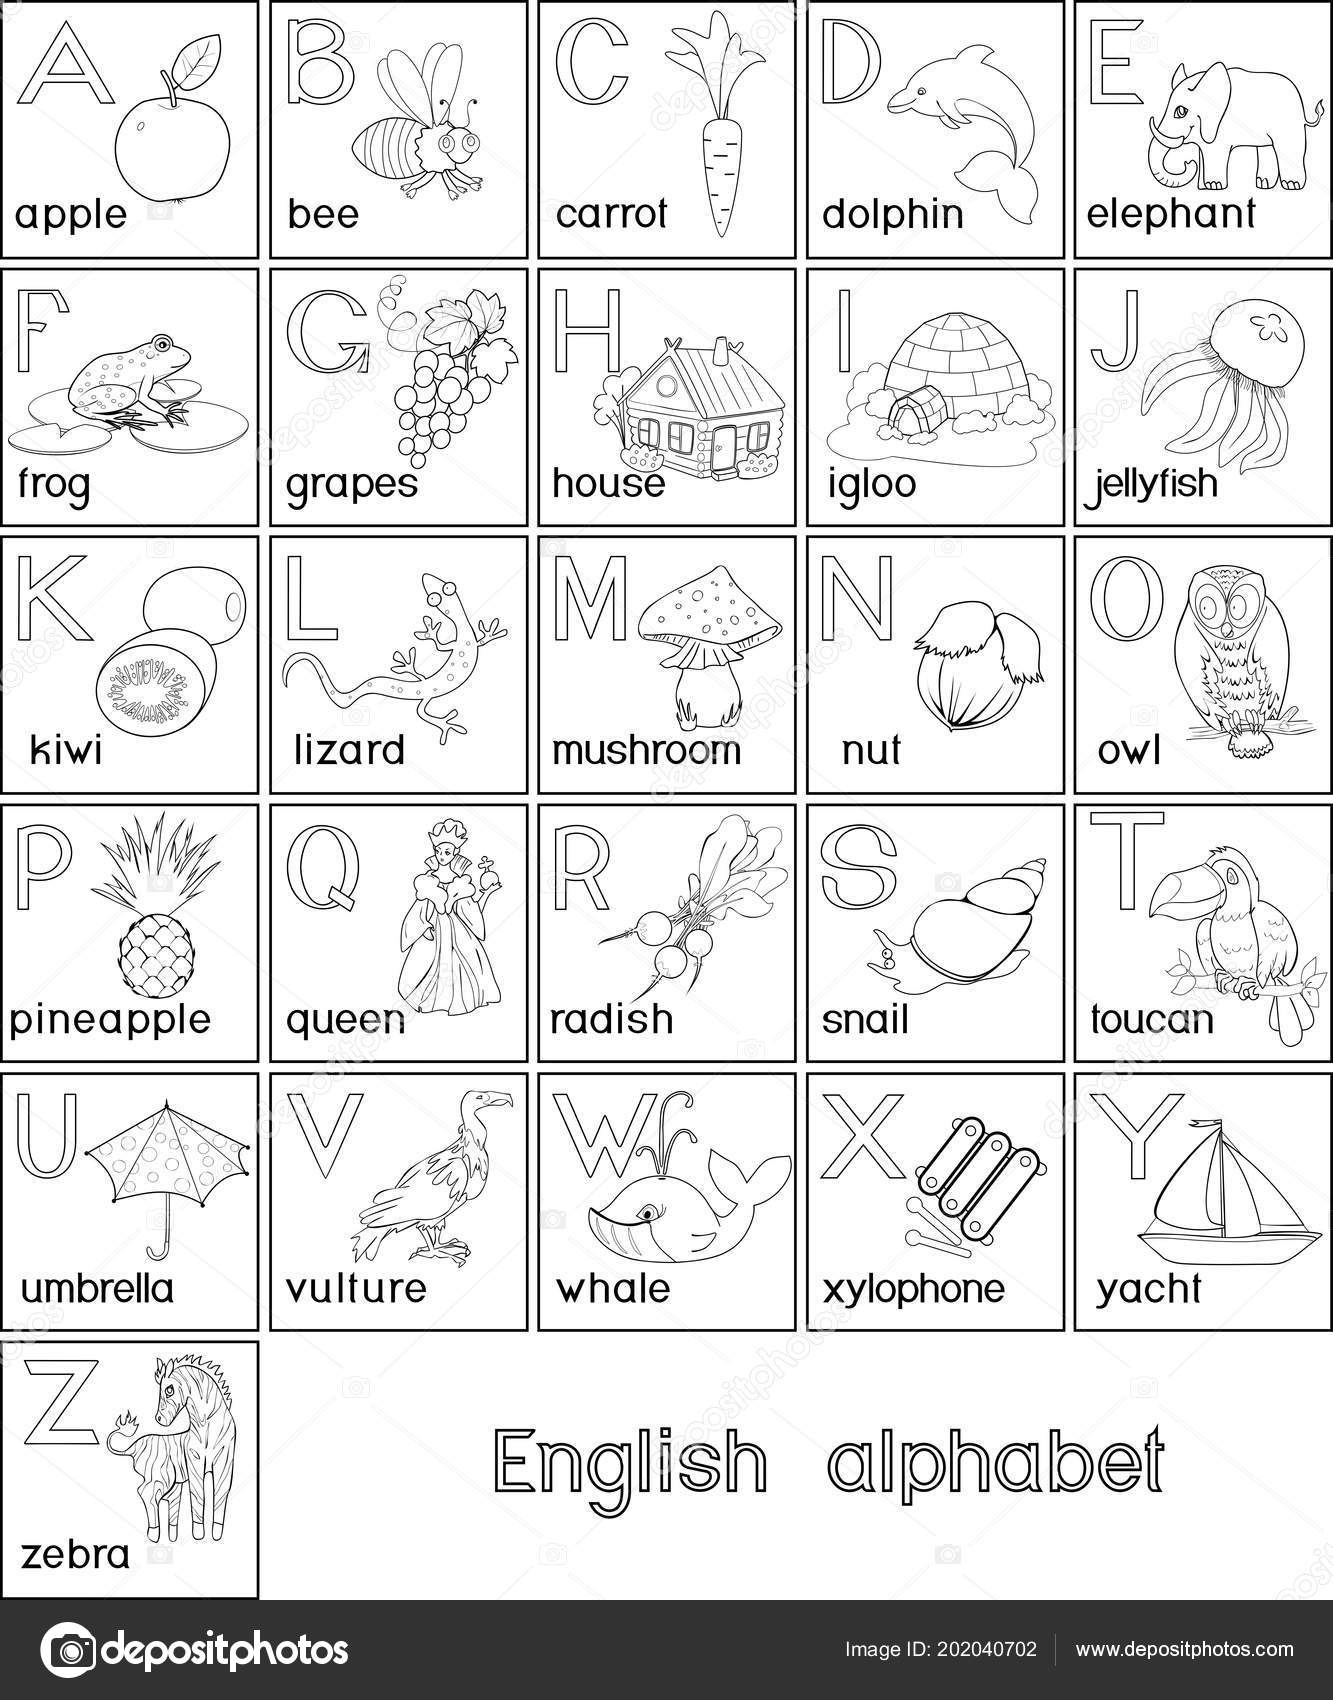 Boyama Sayfası Ingilizce Alfabesi Ile Karikatür Resim çocuk Eğitim